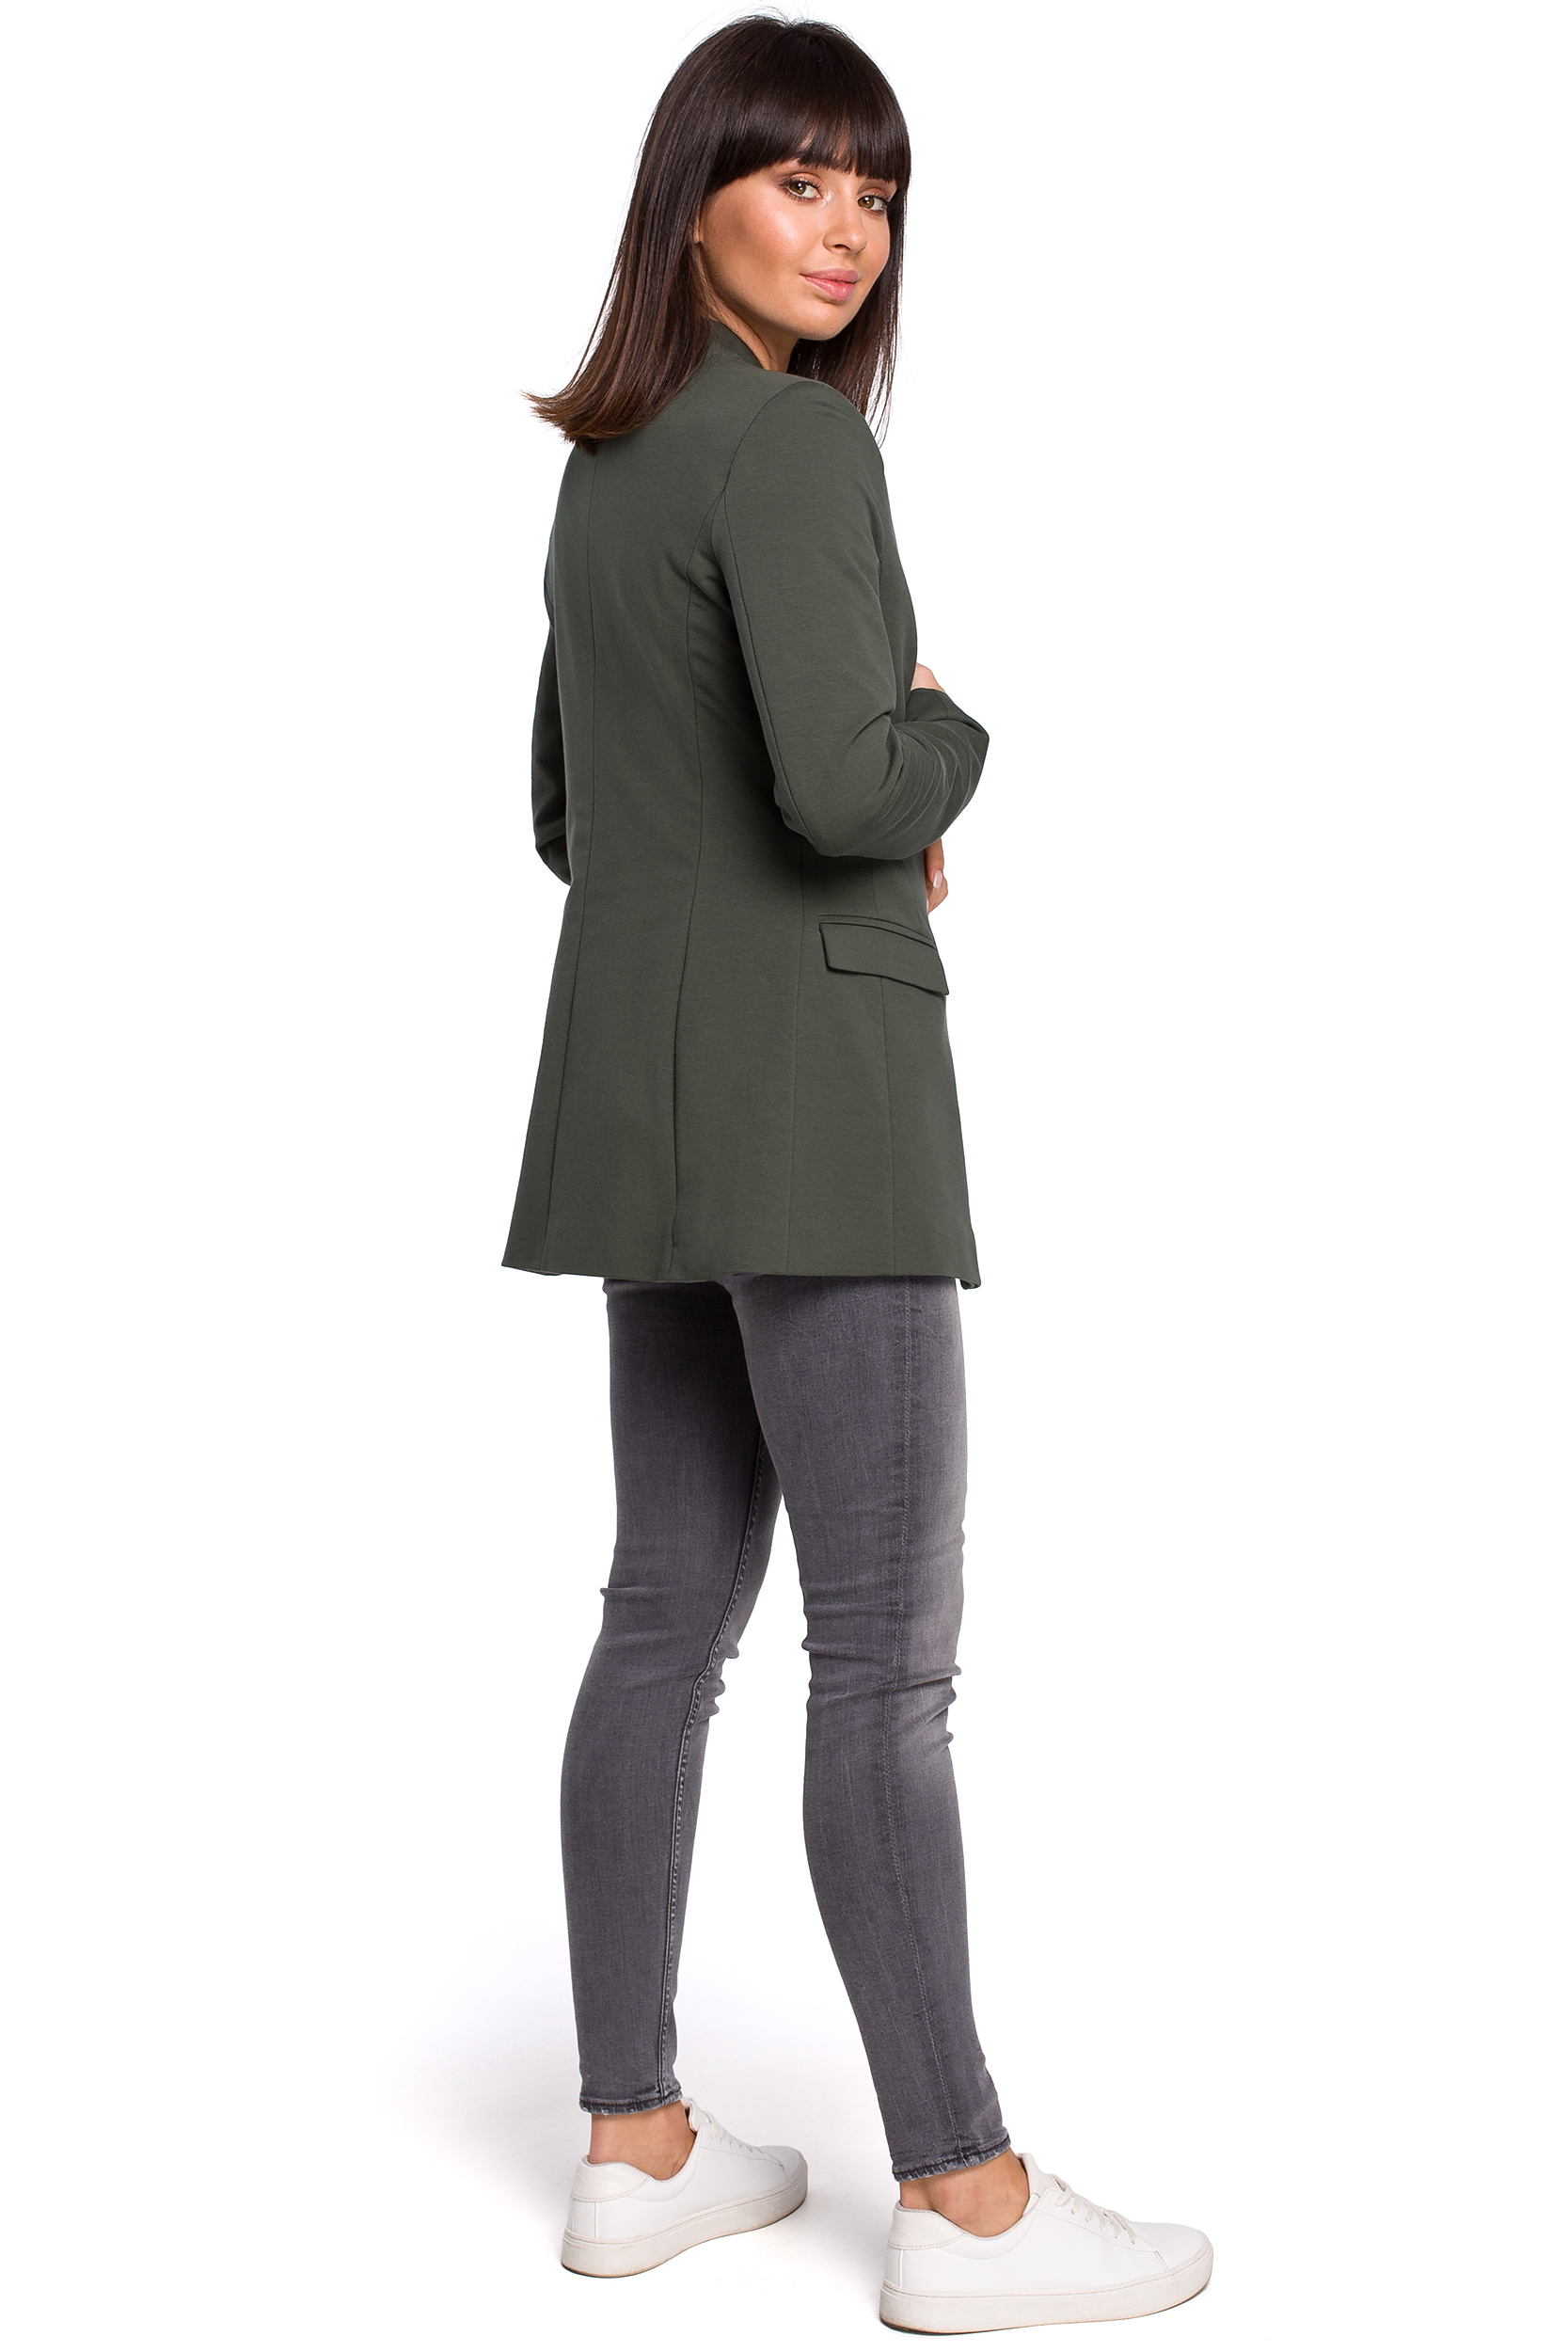 7af4287beefa2 Jackets, jumpers. ‹ › Długa dzianinowa marynarka damska bez zapięcia khaki  B102 ...